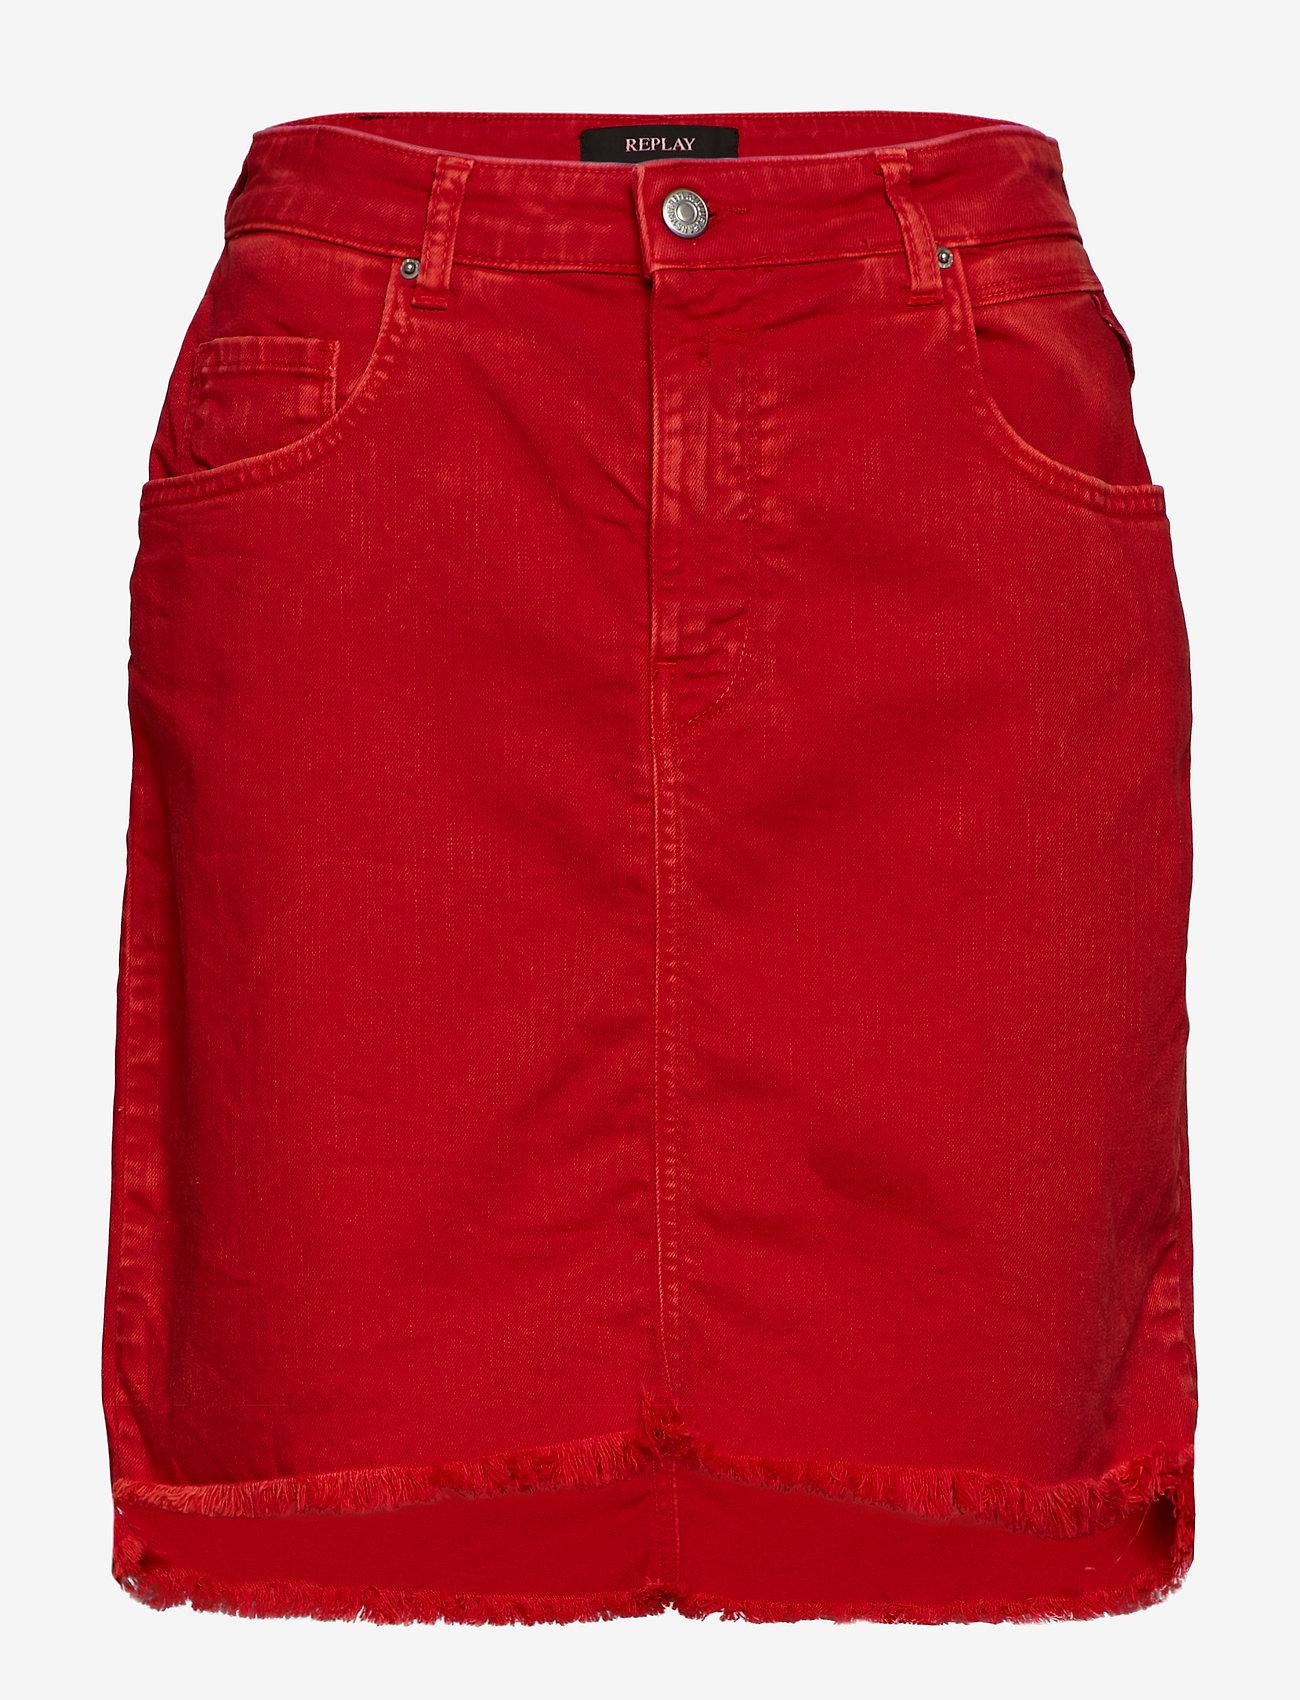 Replay - Skirt - denim skirts - bright red